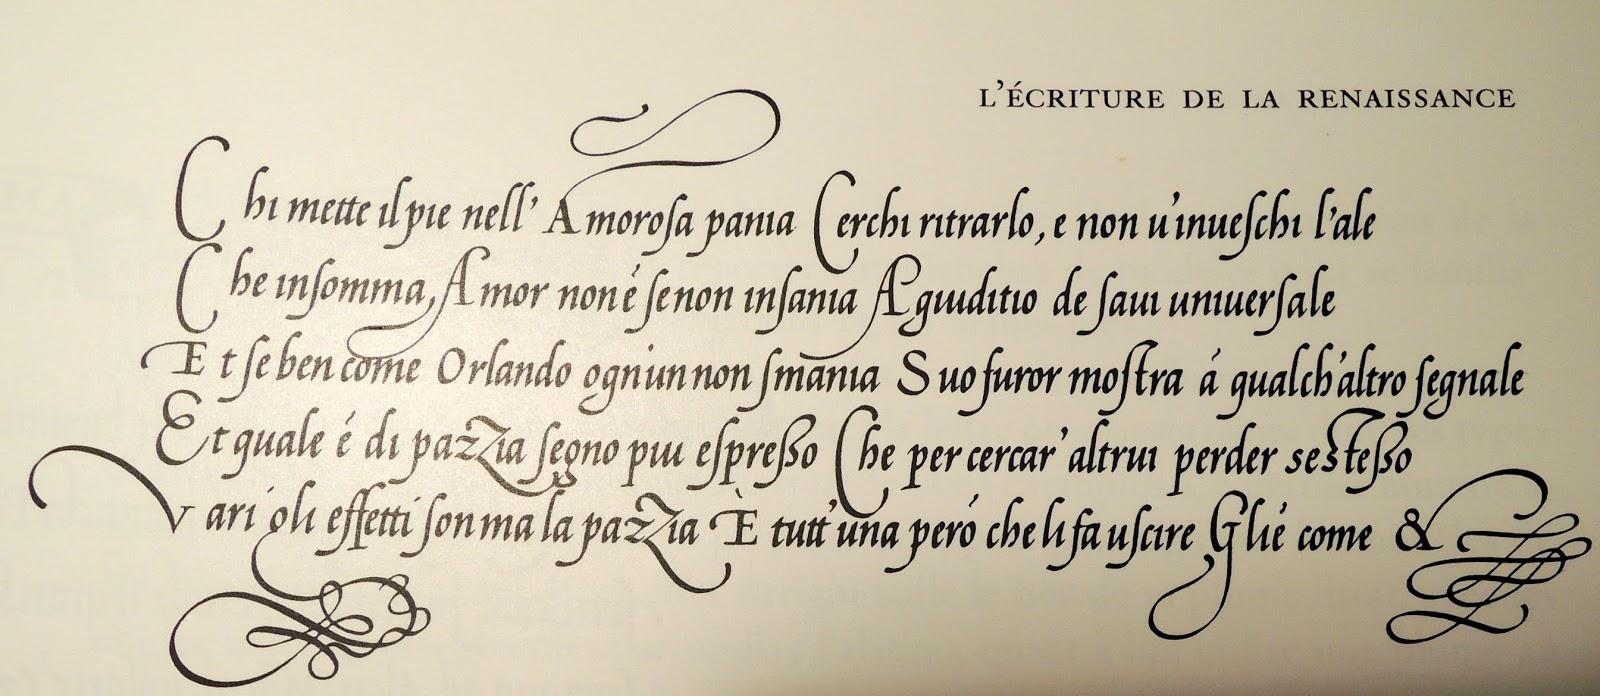 Calli Grain De Folie Prochaine Journée Calligraphie Dimanche 17